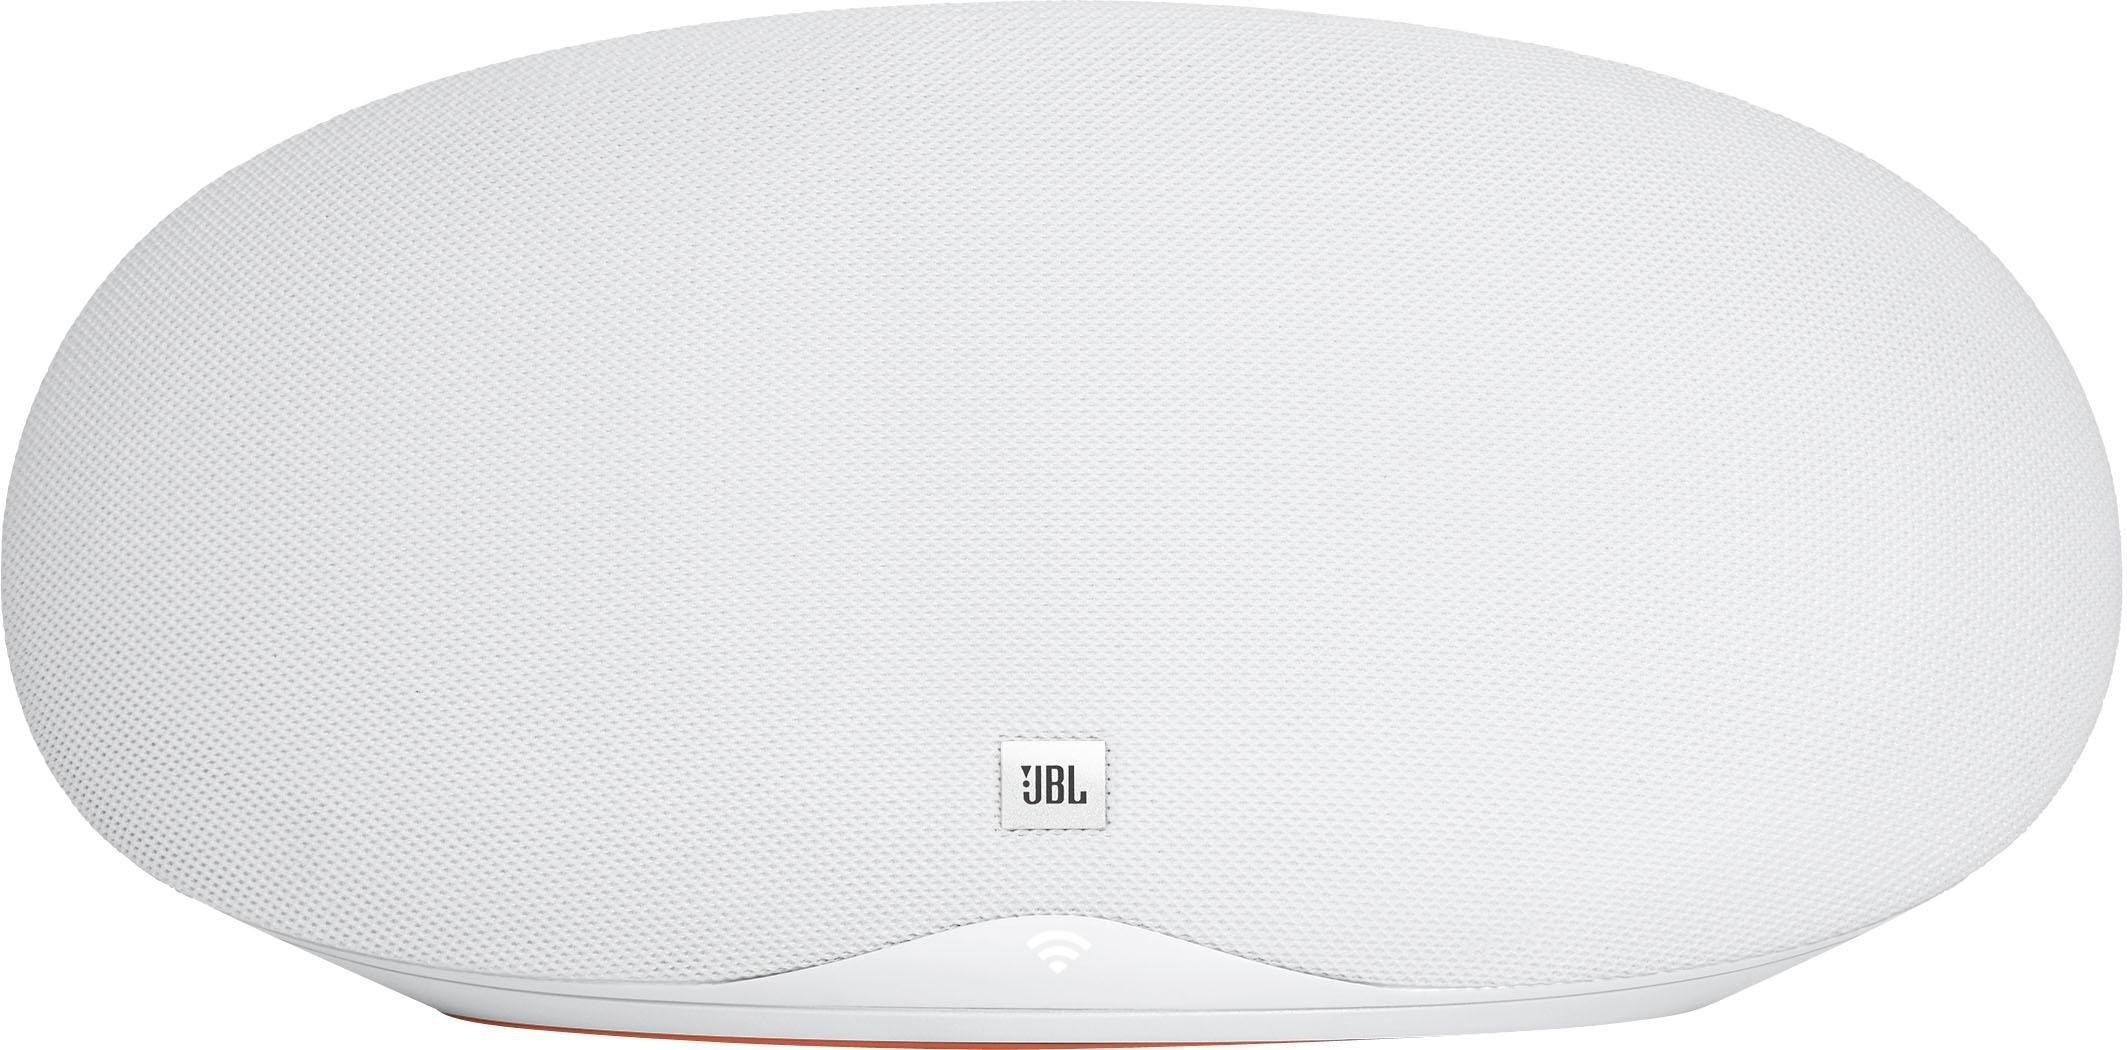 JBL Playlist 2.0 Bluetooth-luidspreker (MultiRoom, wifi, Spotify) nu online kopen bij OTTO